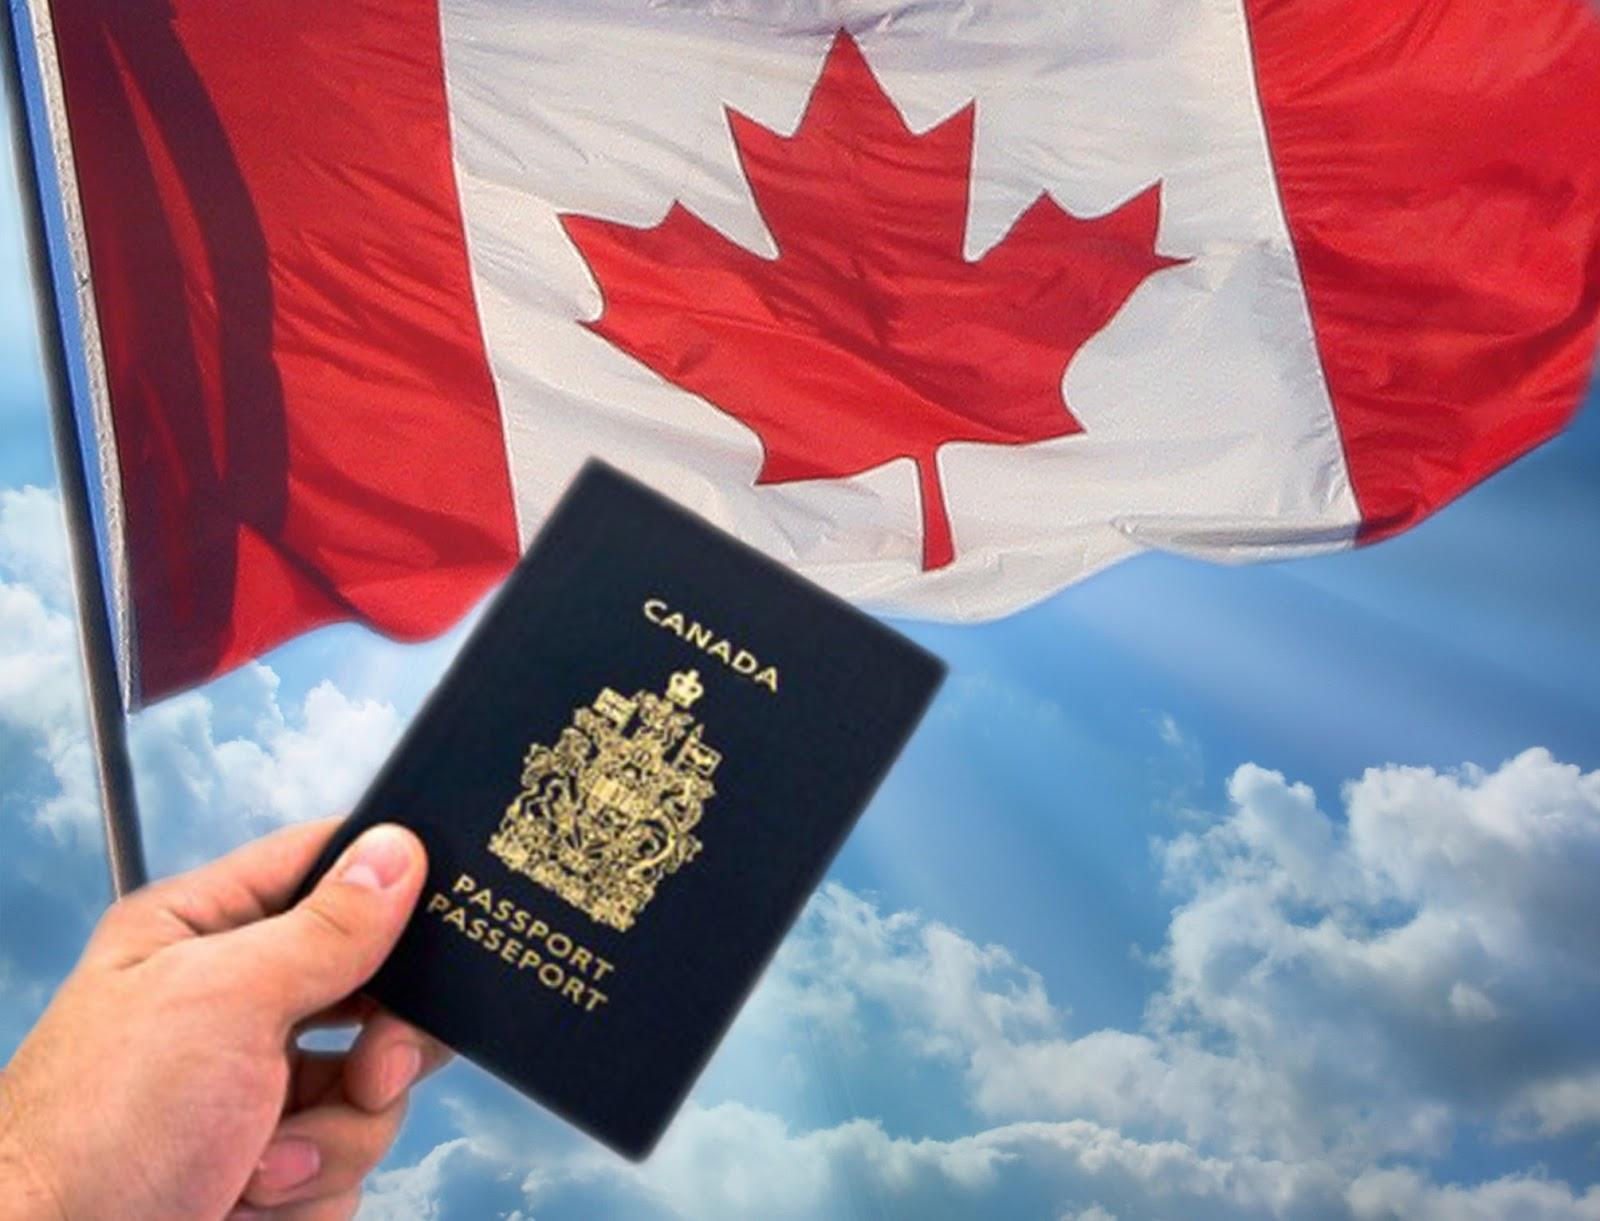 Dan so Canada 1